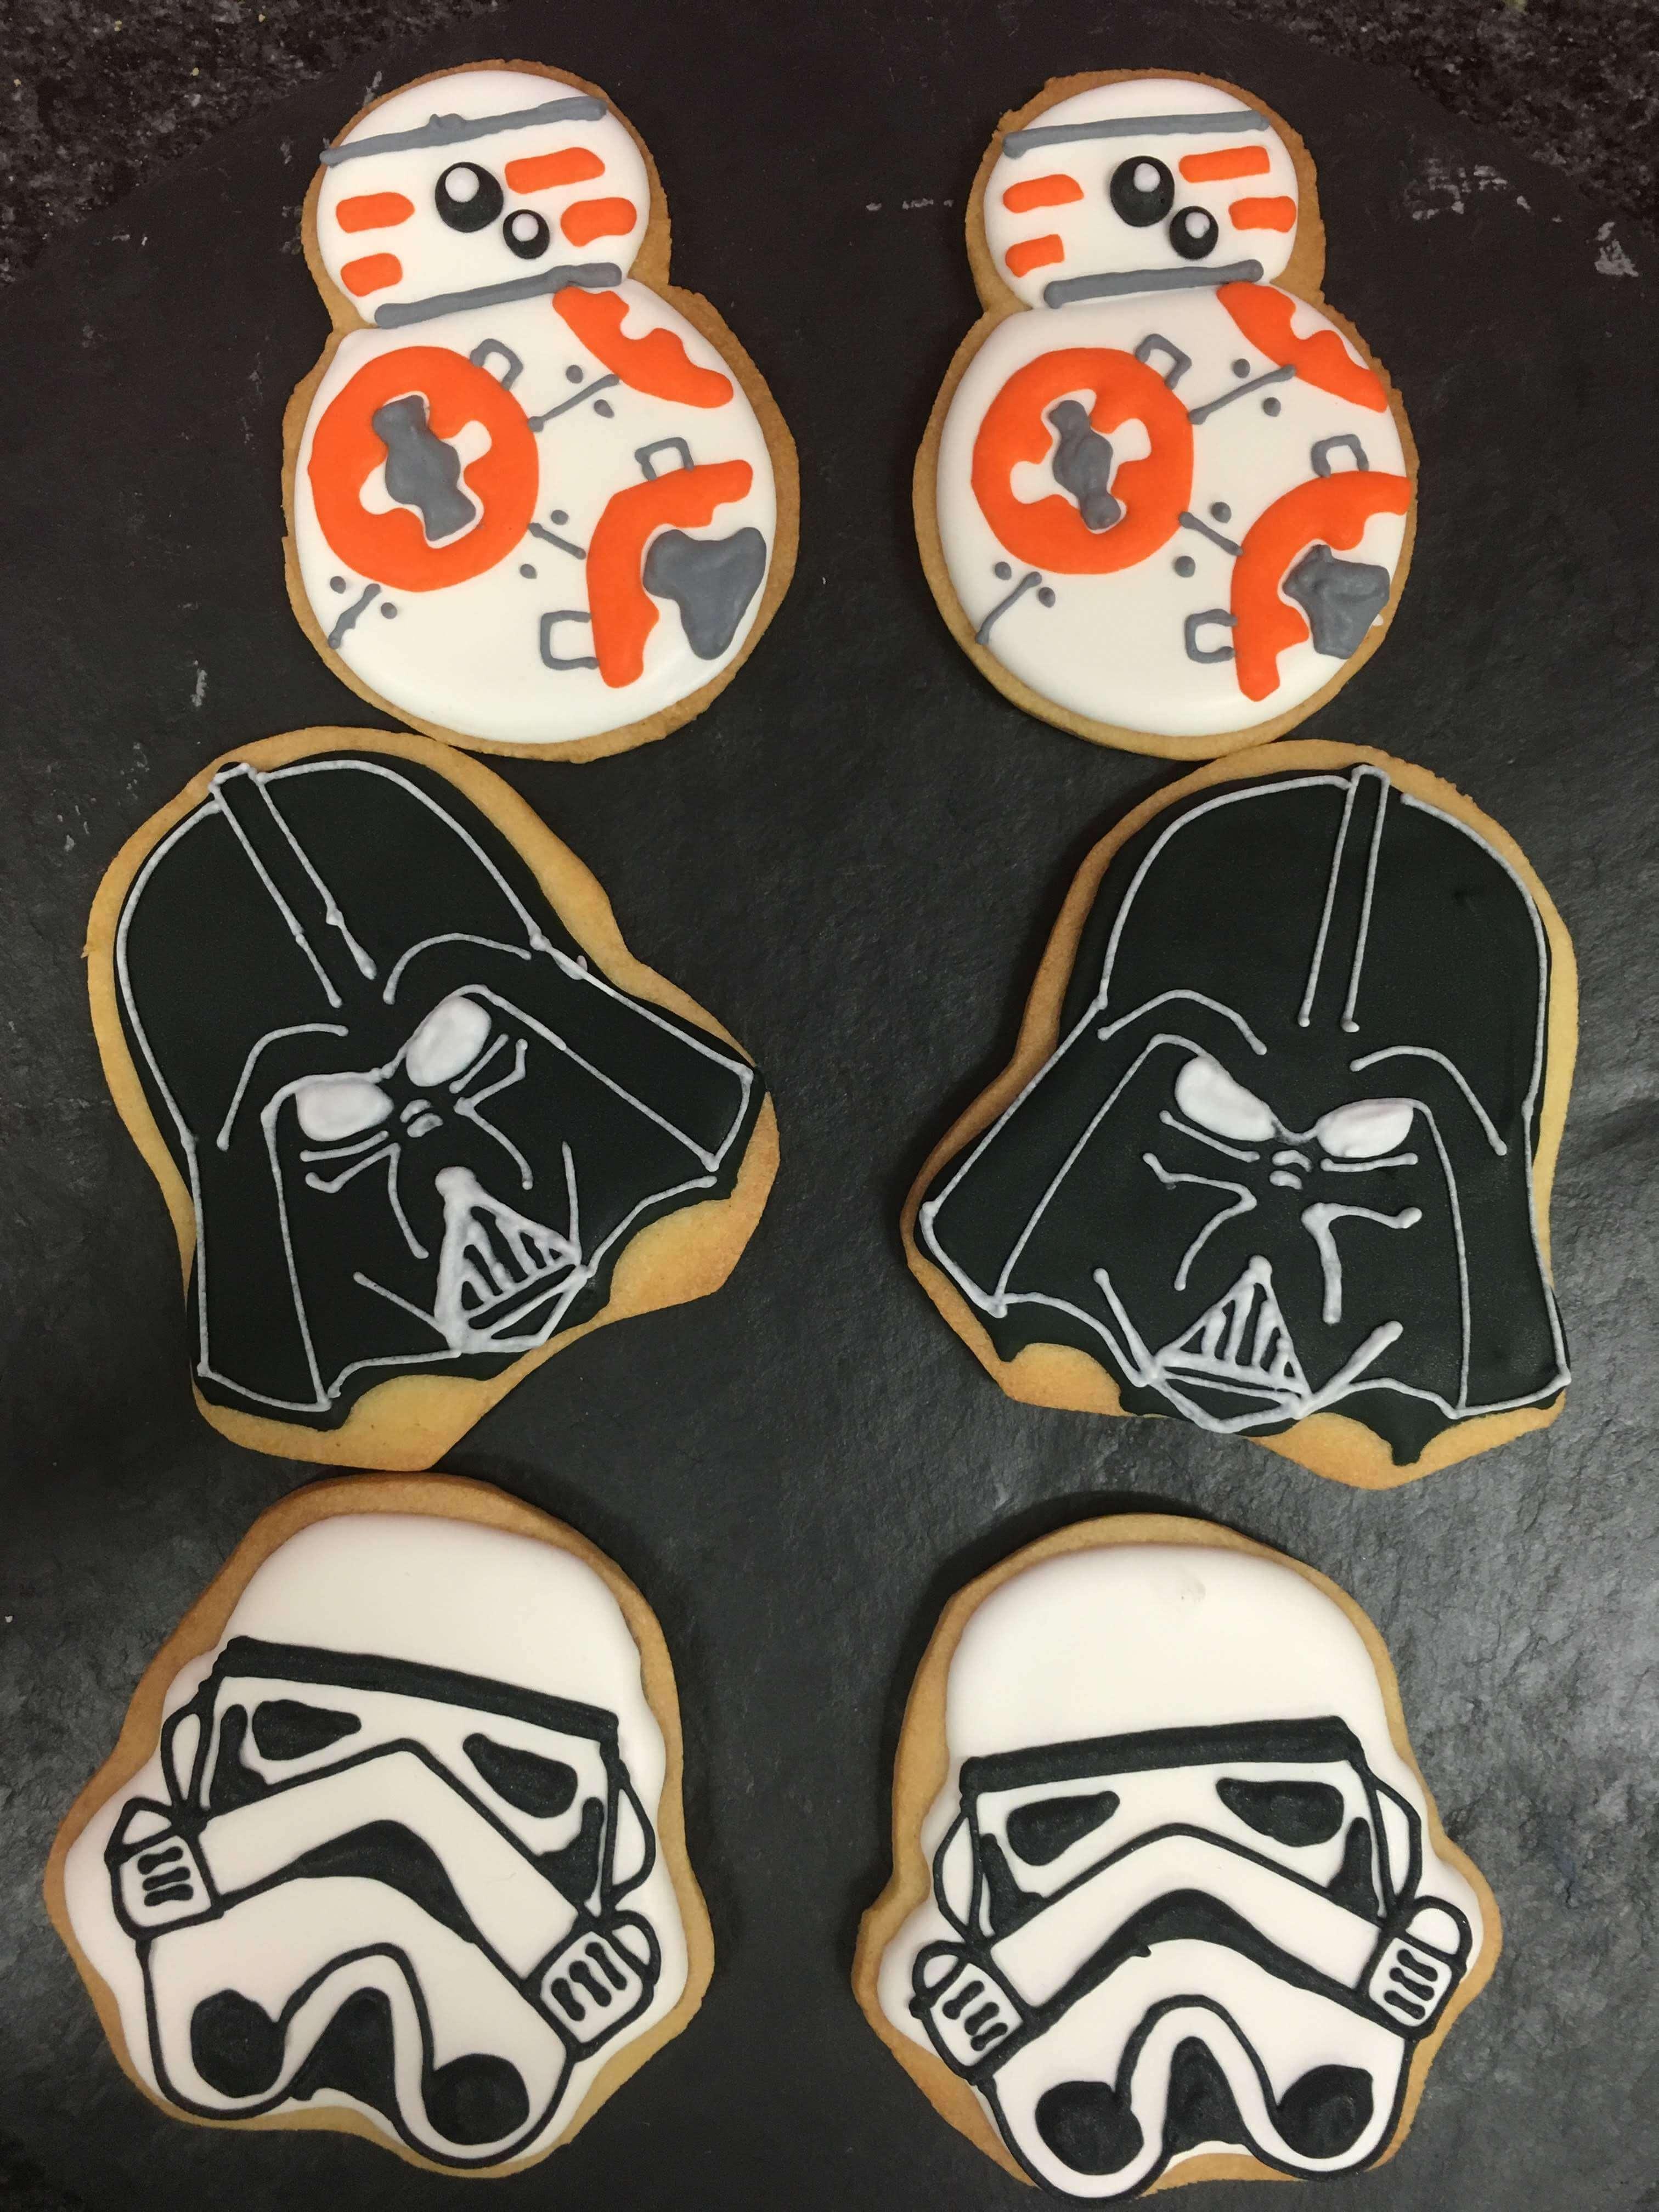 galletas decoradas soldado imperial R2D2 Star Wars cumpleaños decoradas coruña